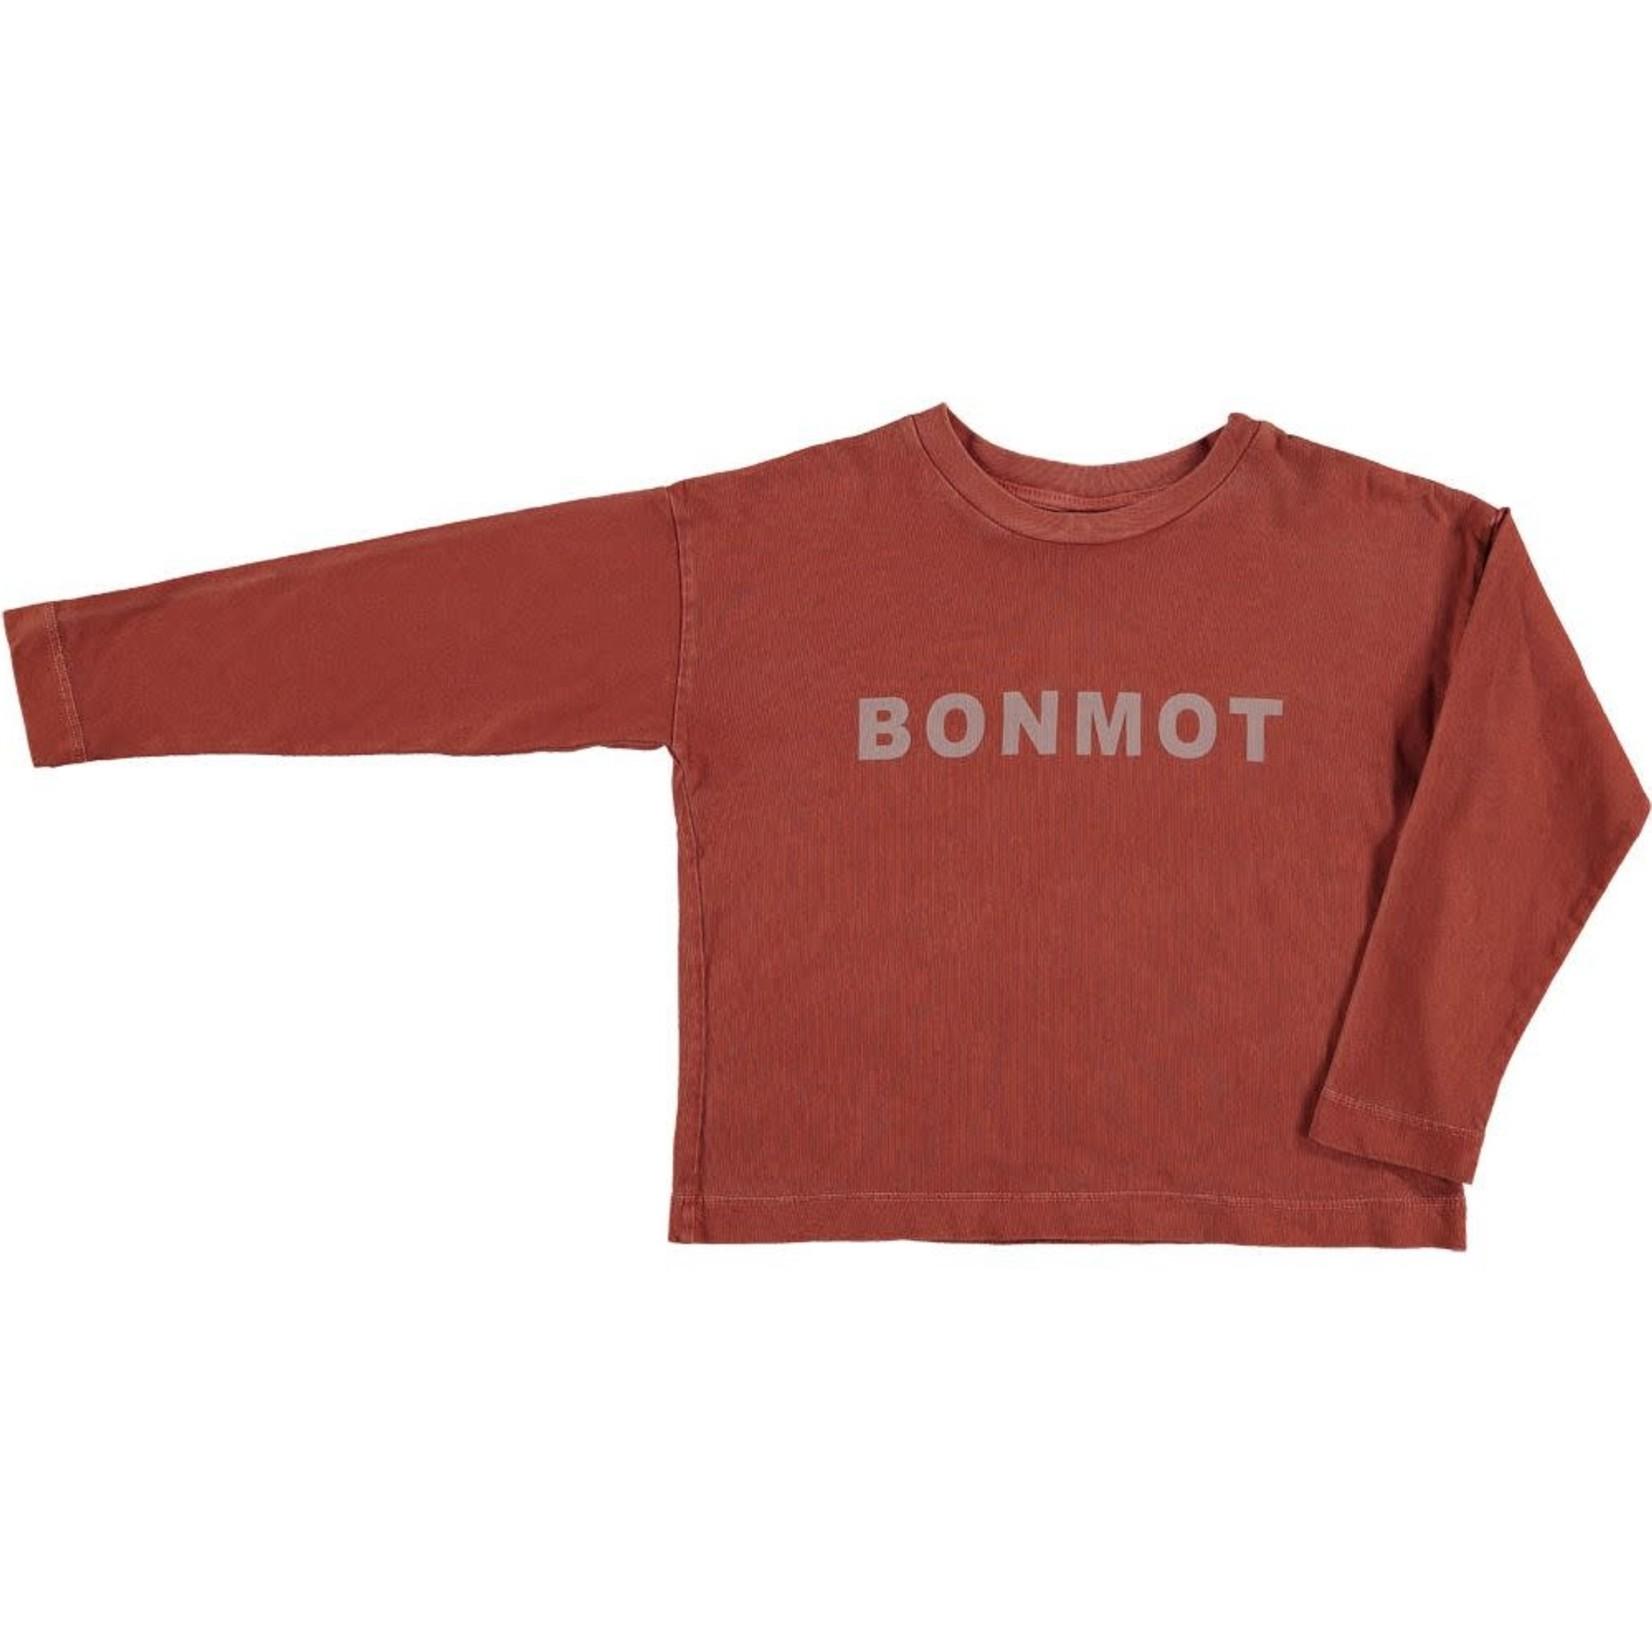 BONMOT BONMOT t-shirt lange mouw